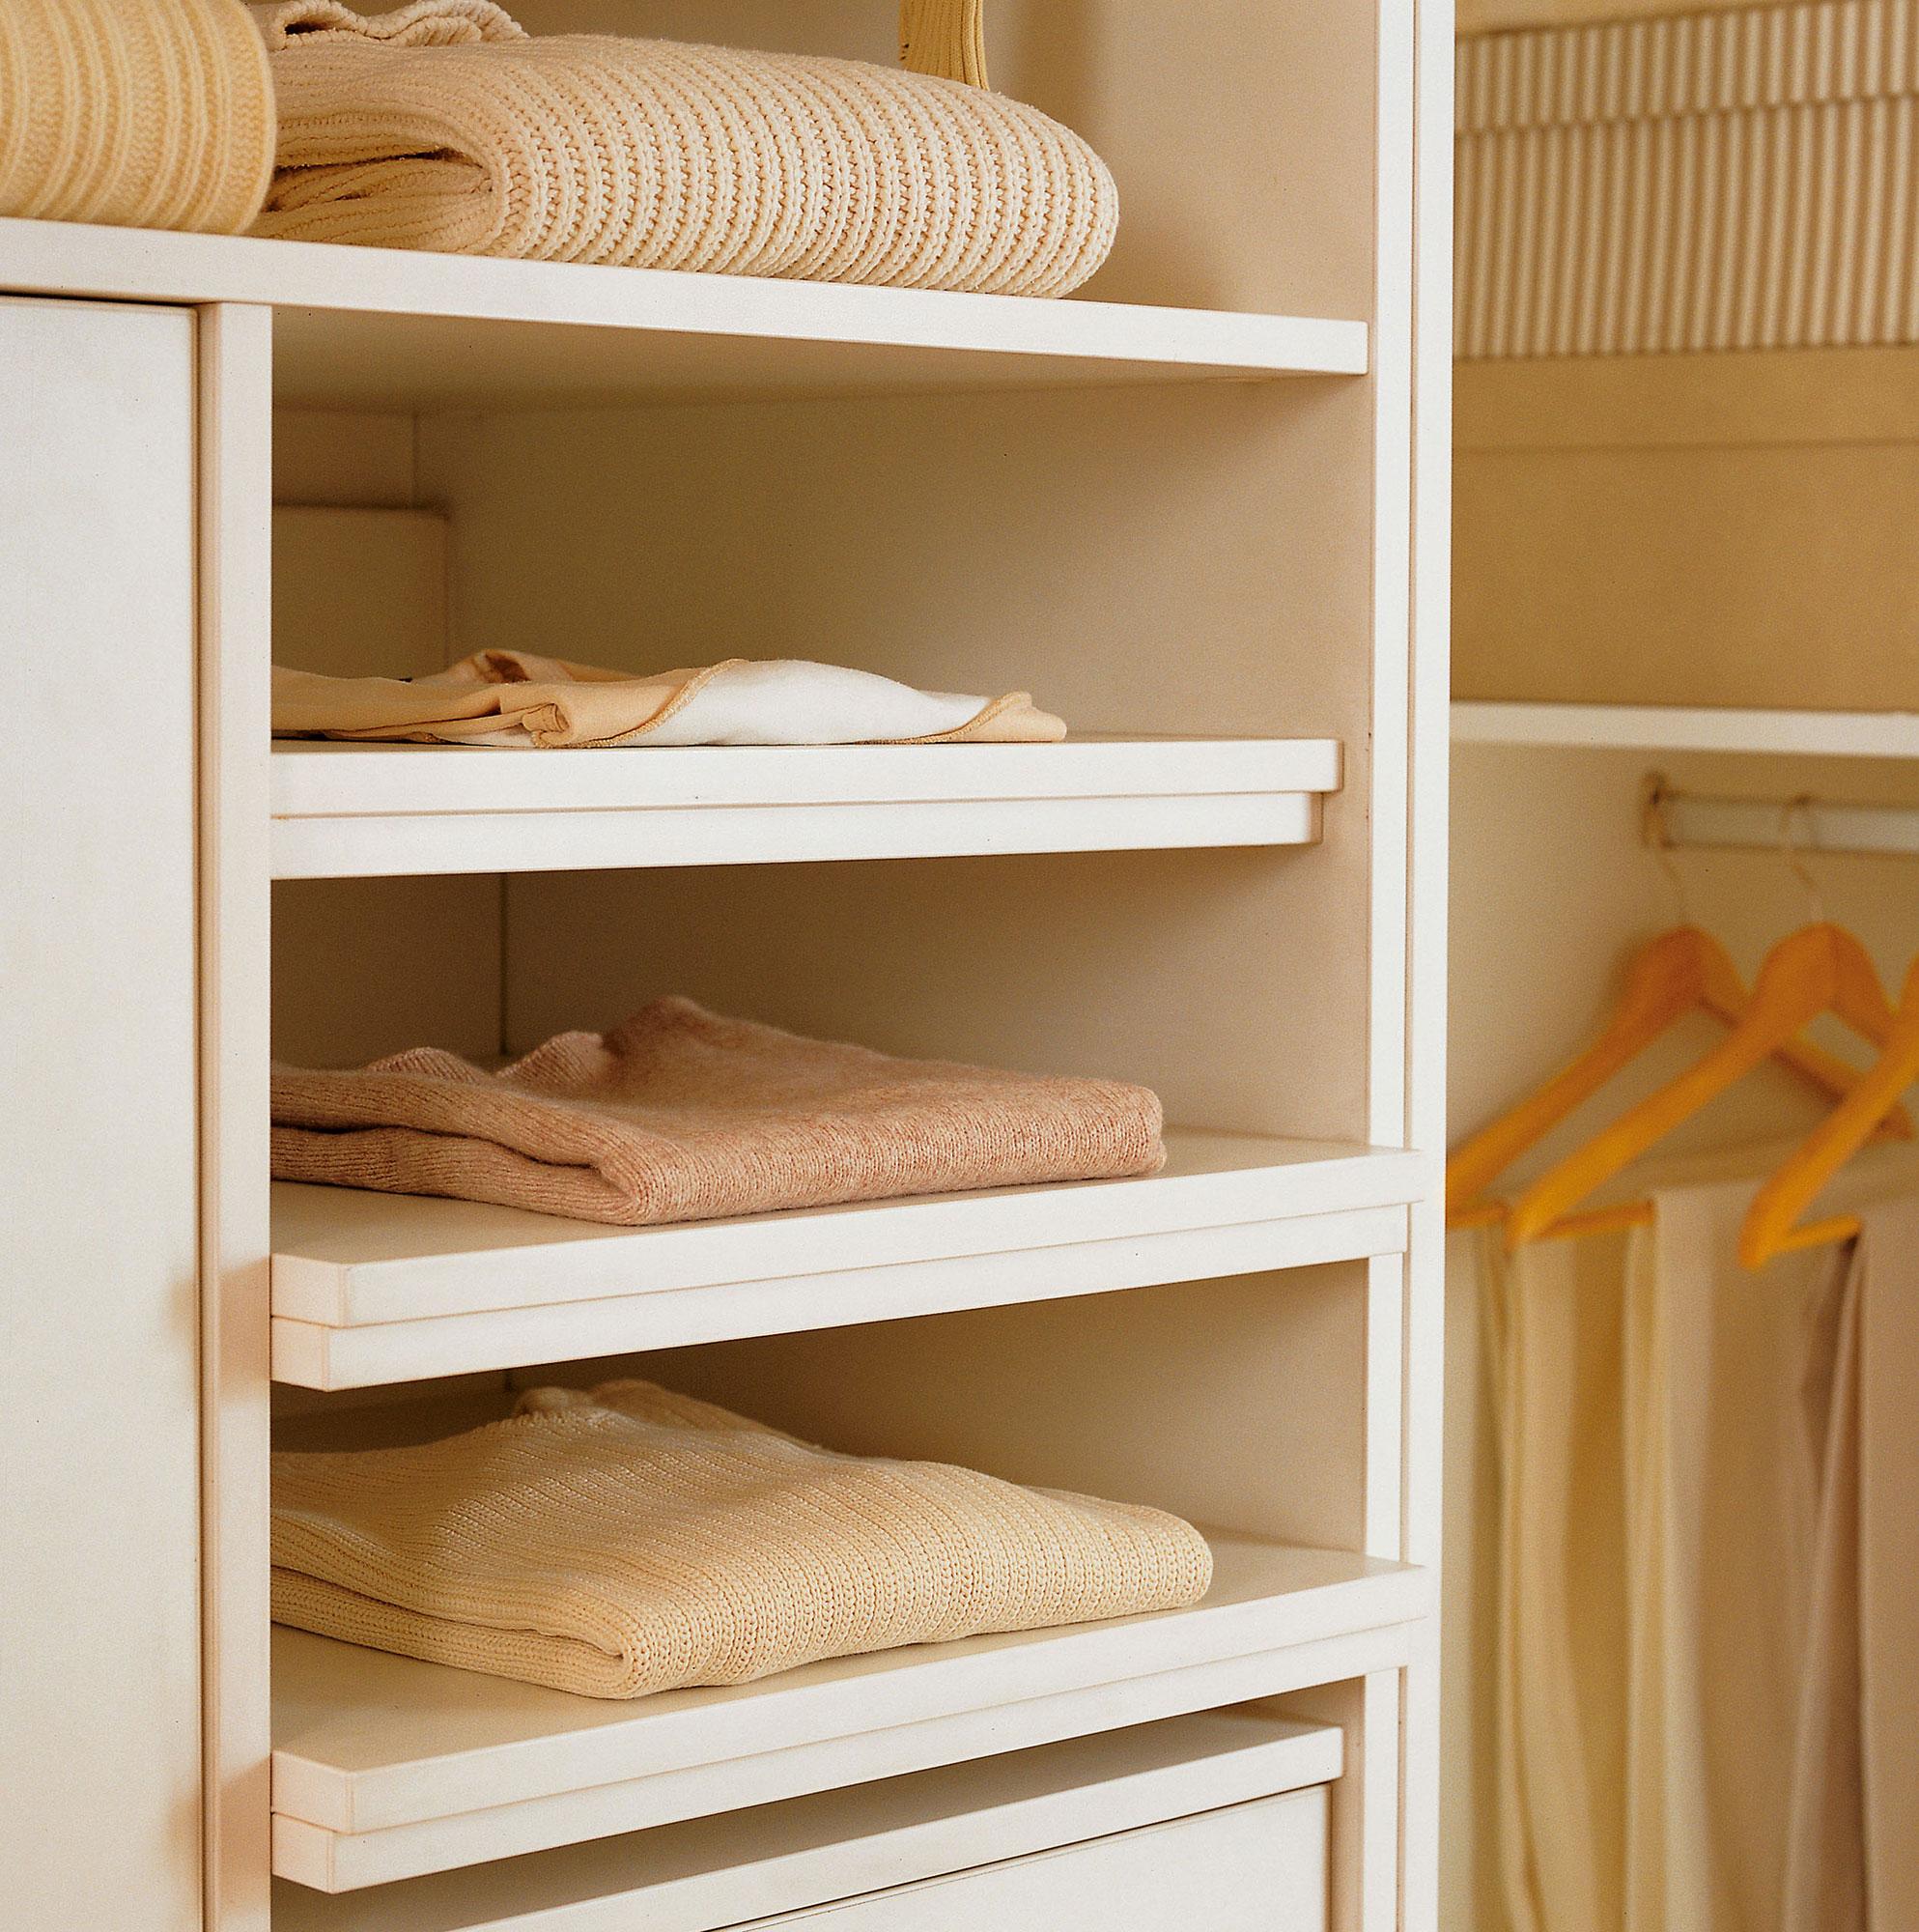 Armarios ordena mejor y duplica el espacio - Estantes para armarios empotrados ...